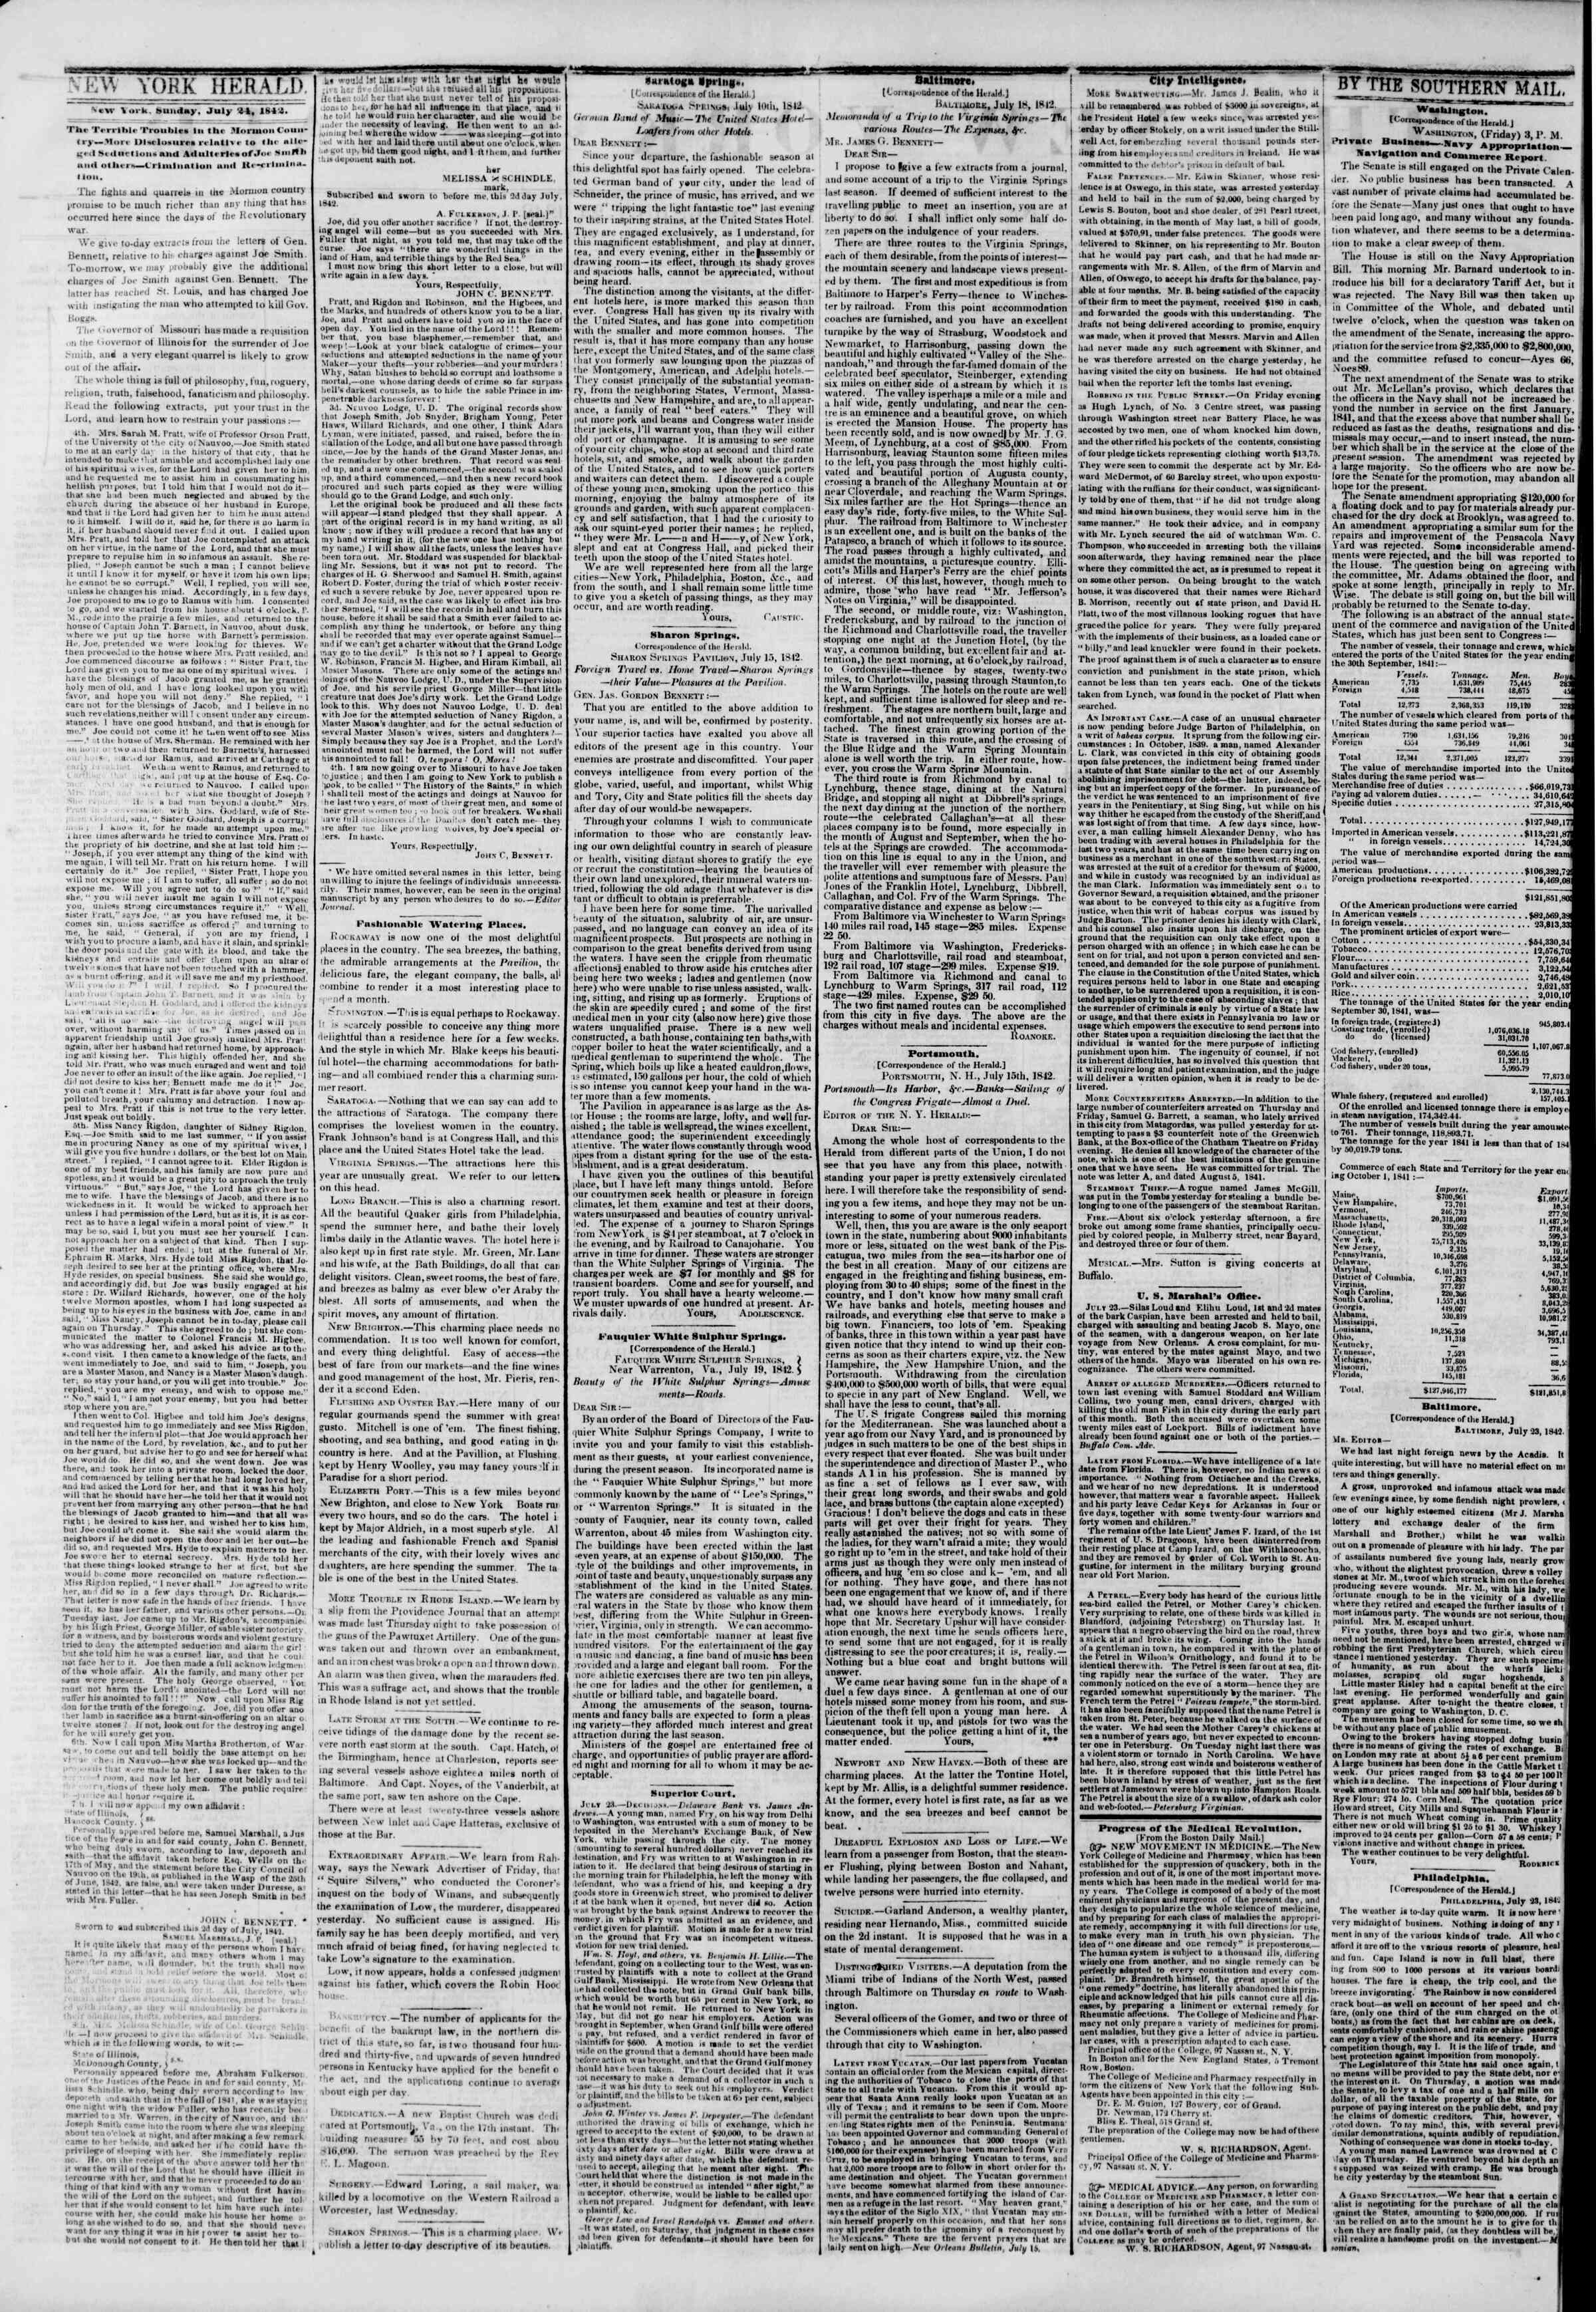 July 24, 1842 Tarihli The New York Herald Gazetesi Sayfa 2